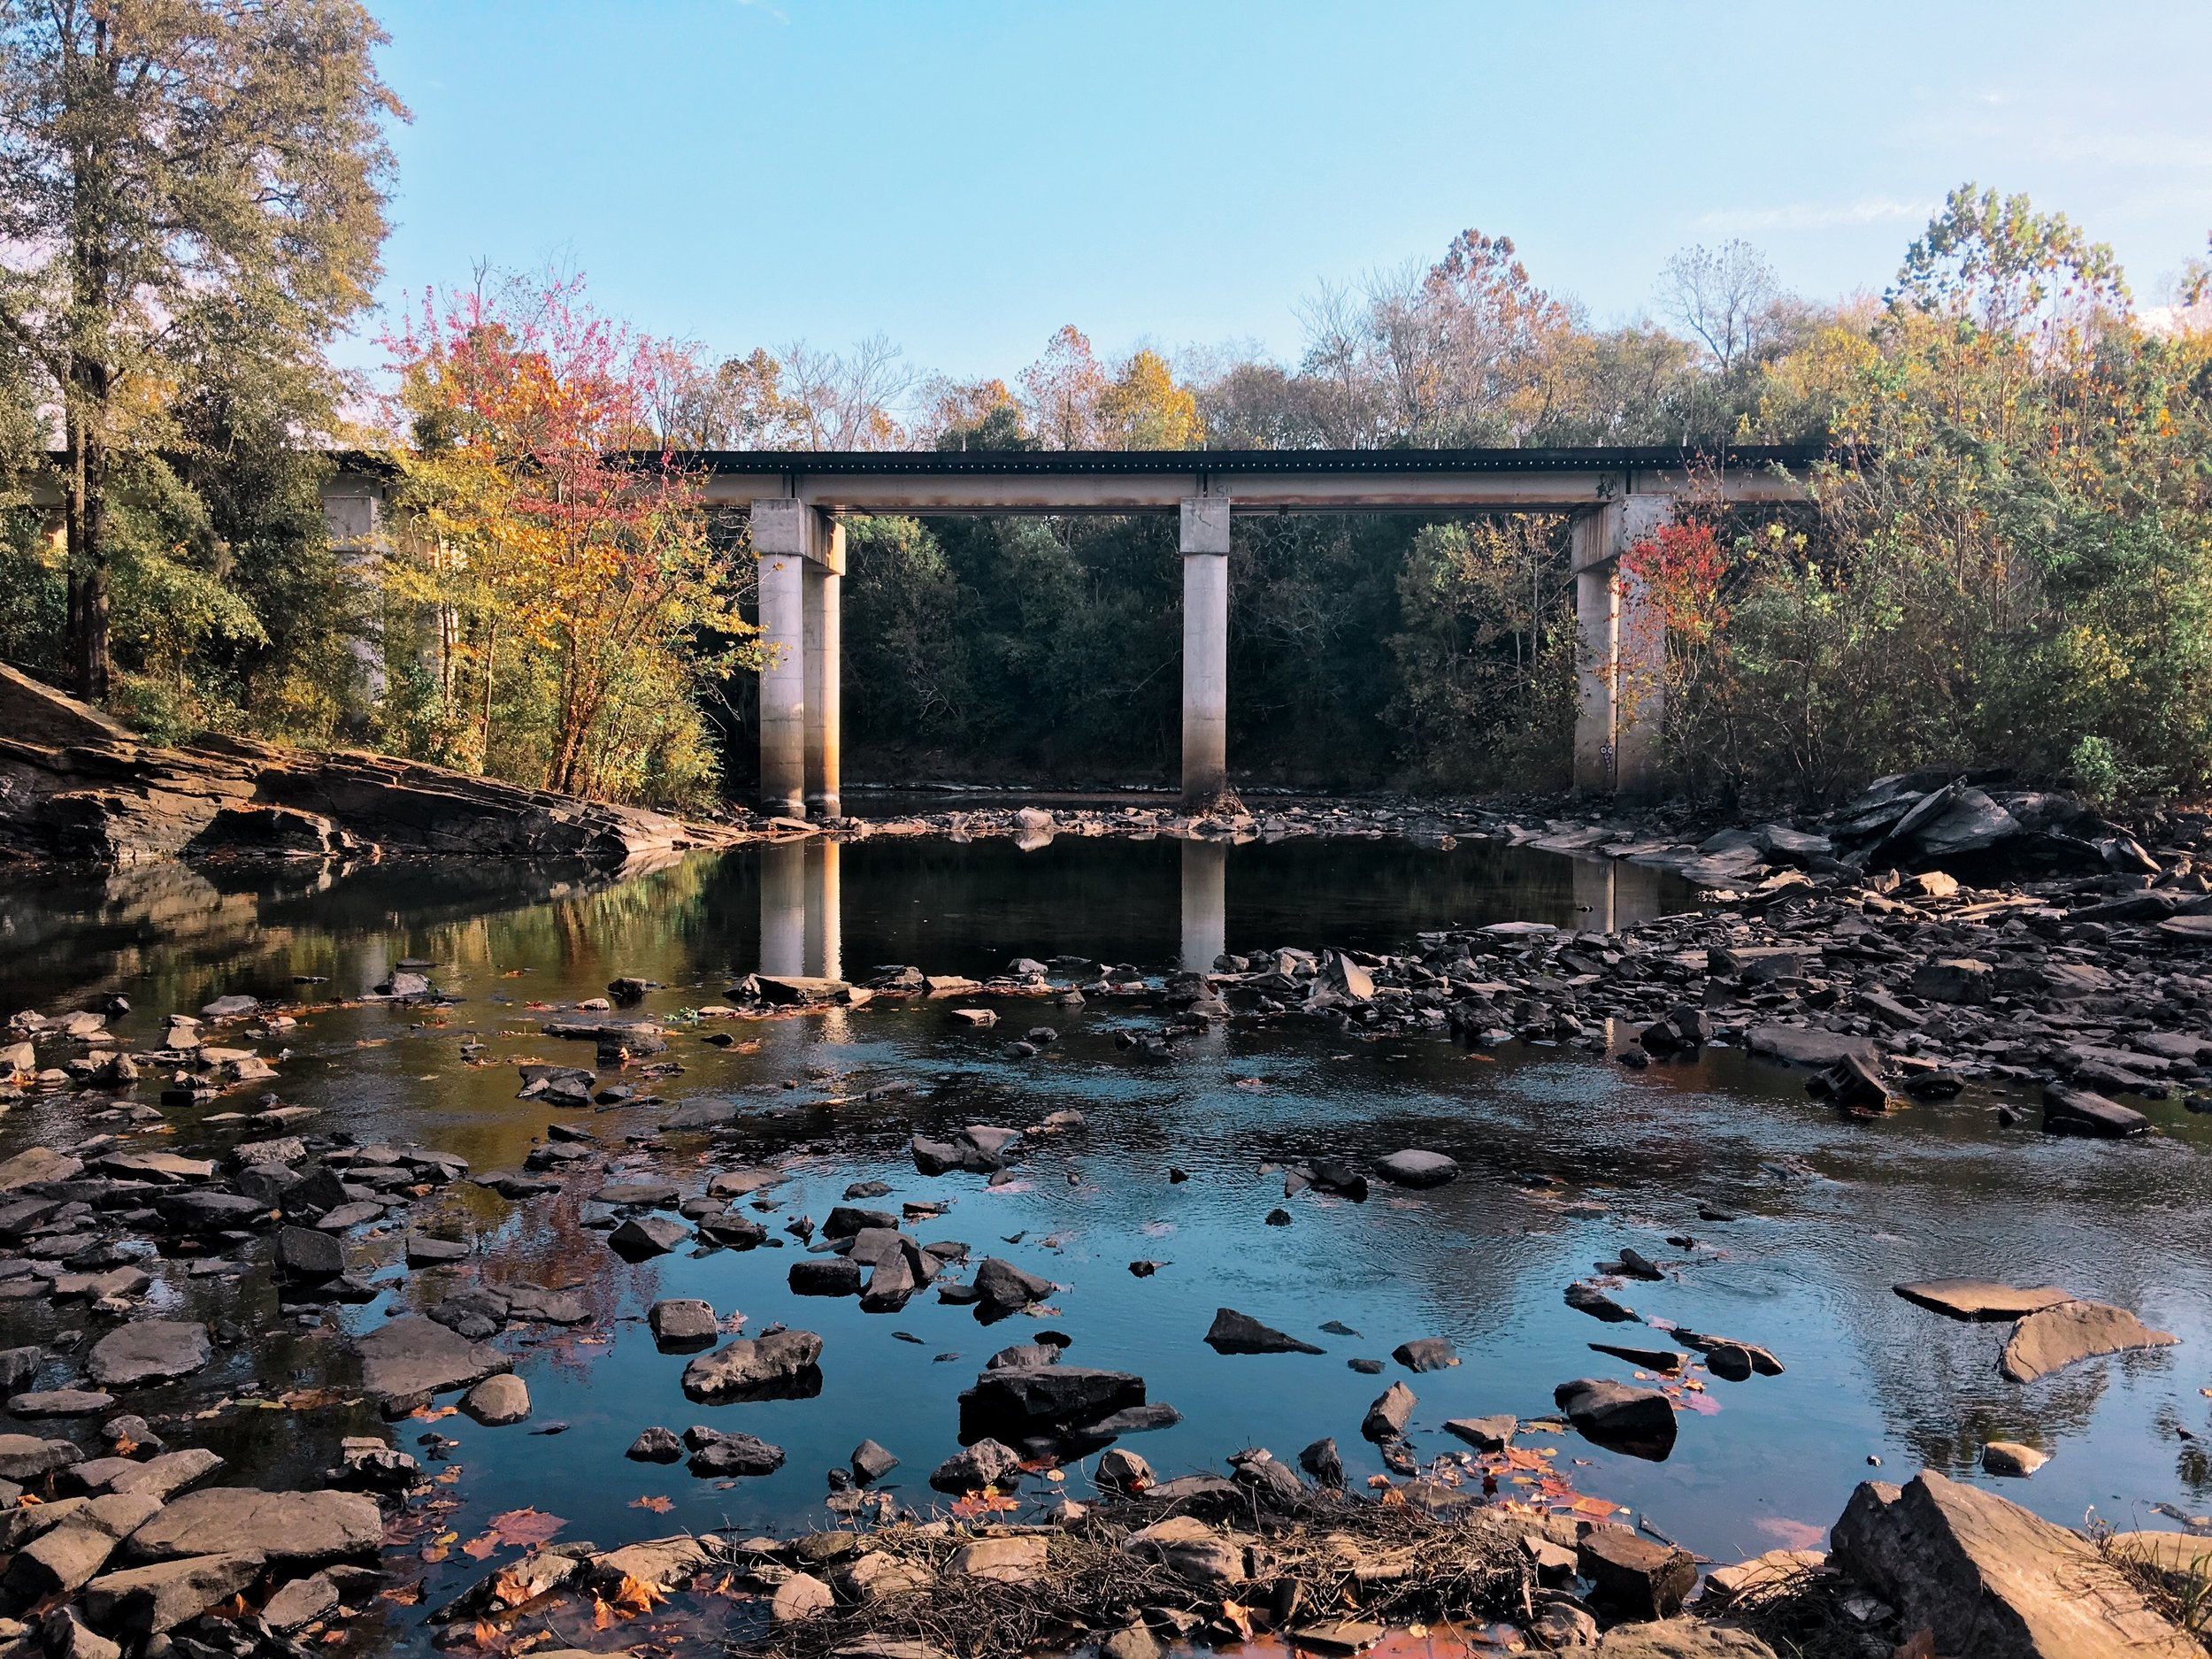 Rae's Creek Aqueduct in Augusta, Georgia